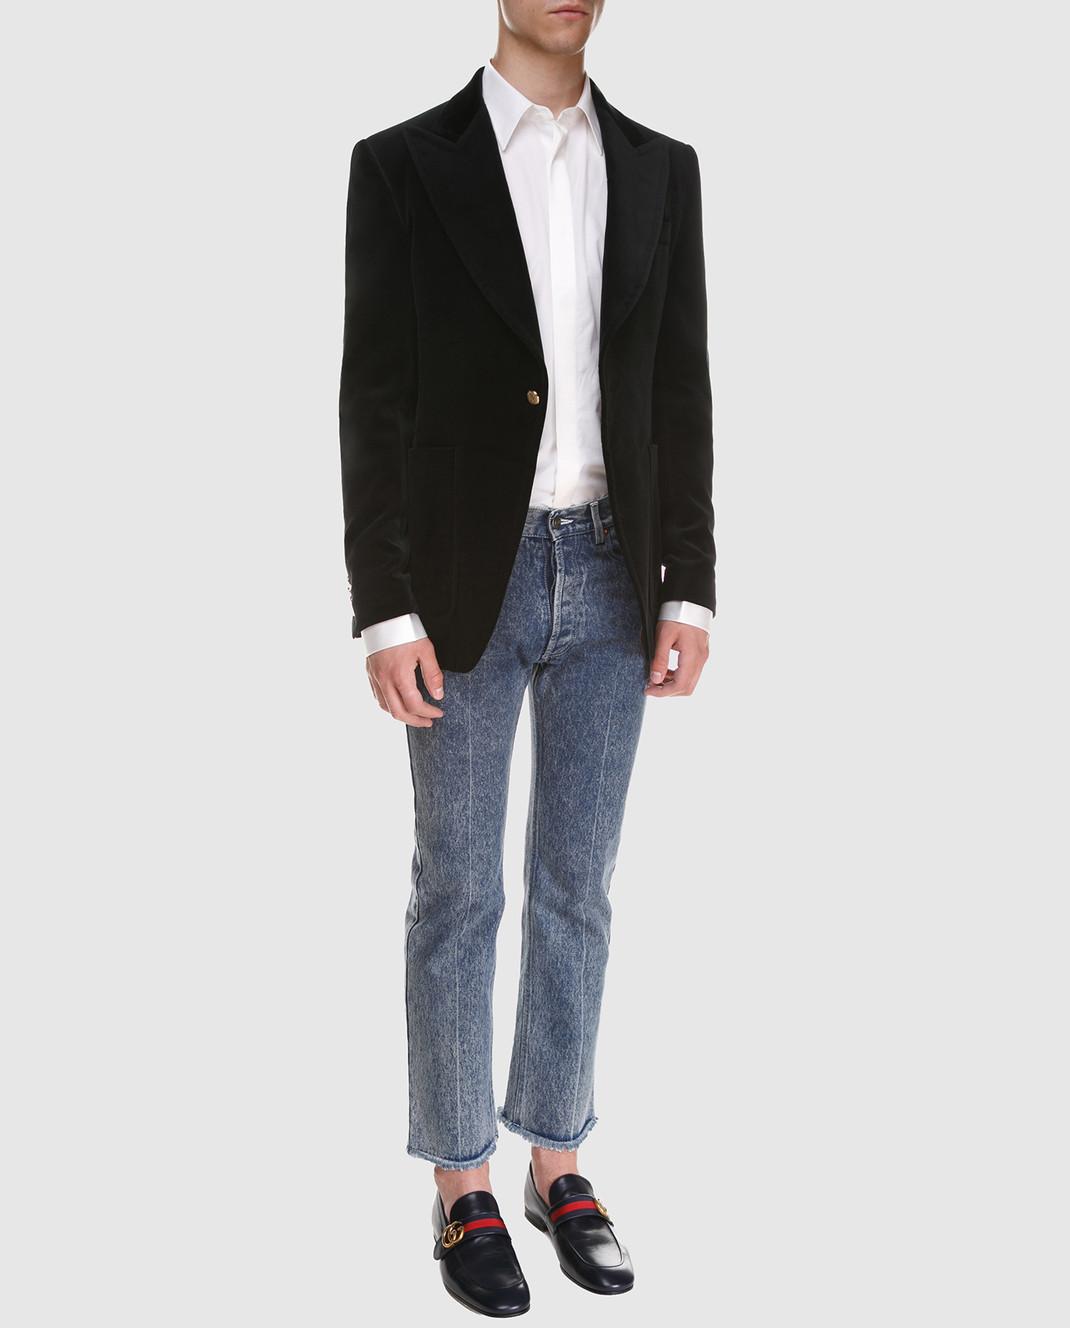 Gucci Черный бархатный пиджак изображение 2